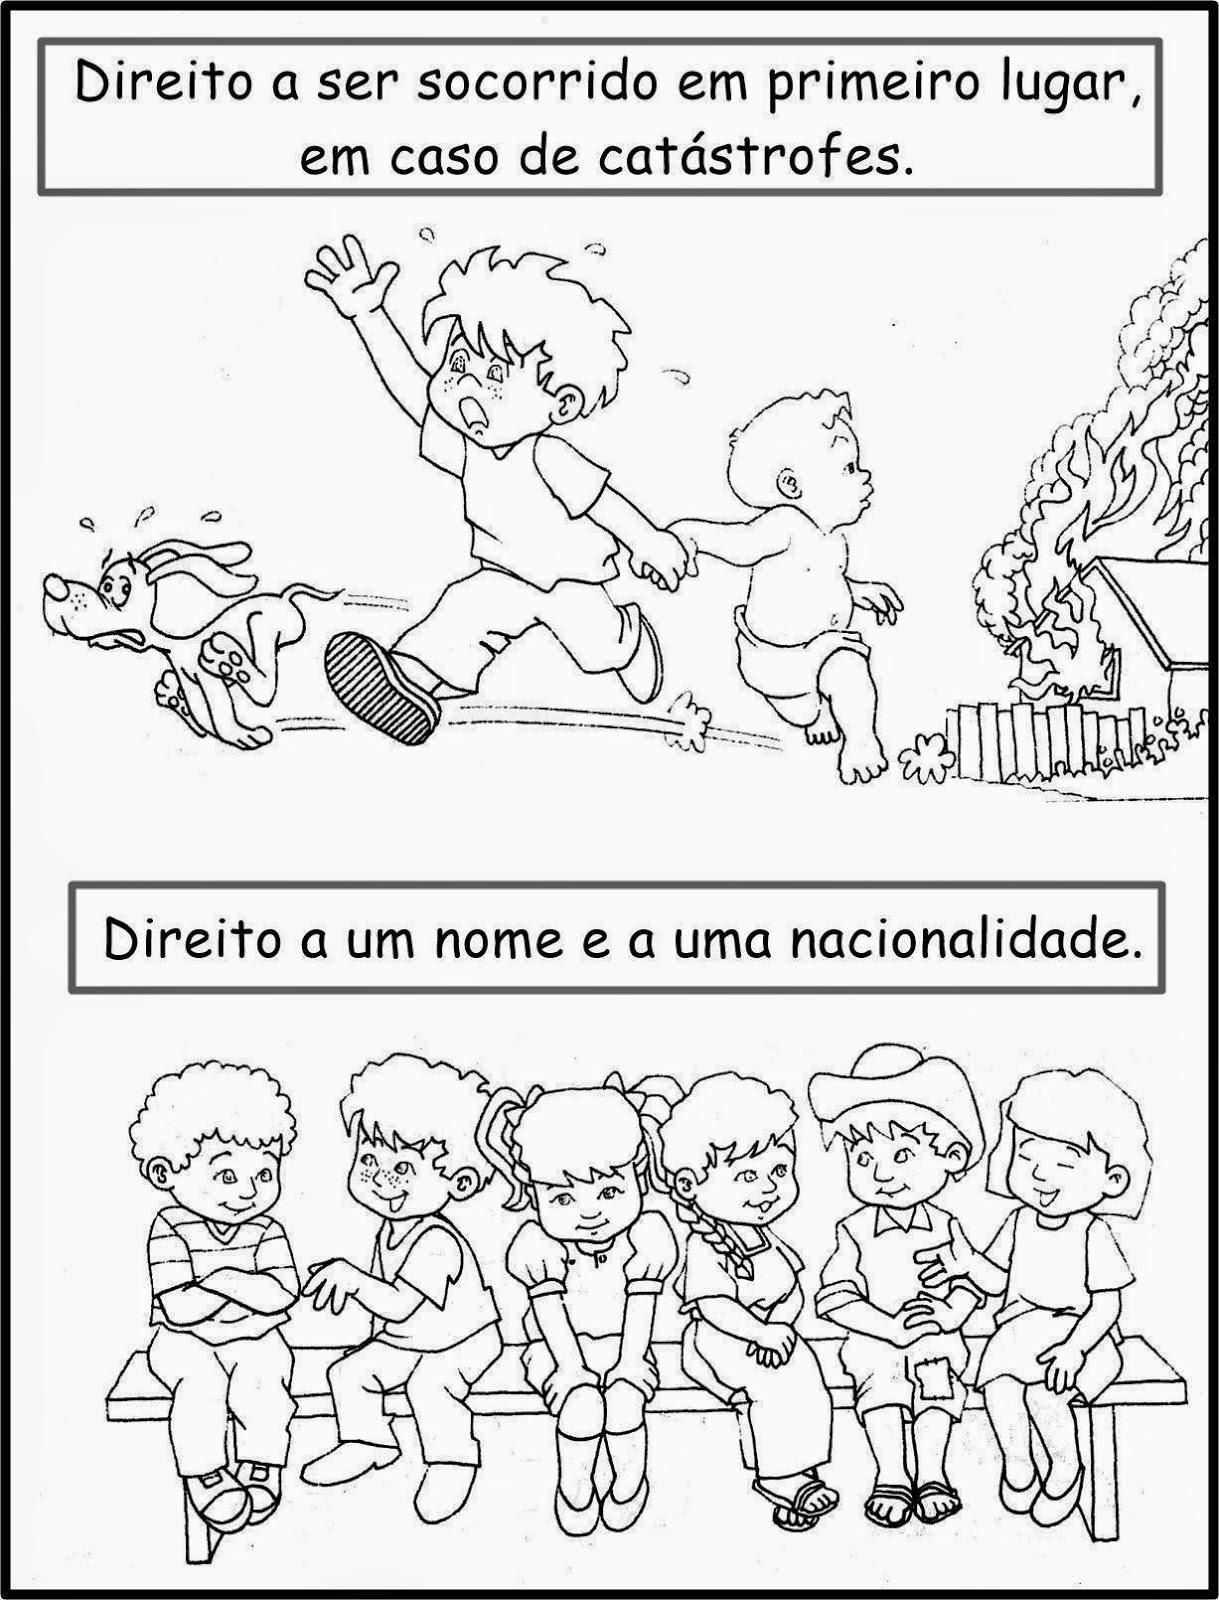 dia das crianças atividades escolares (3)